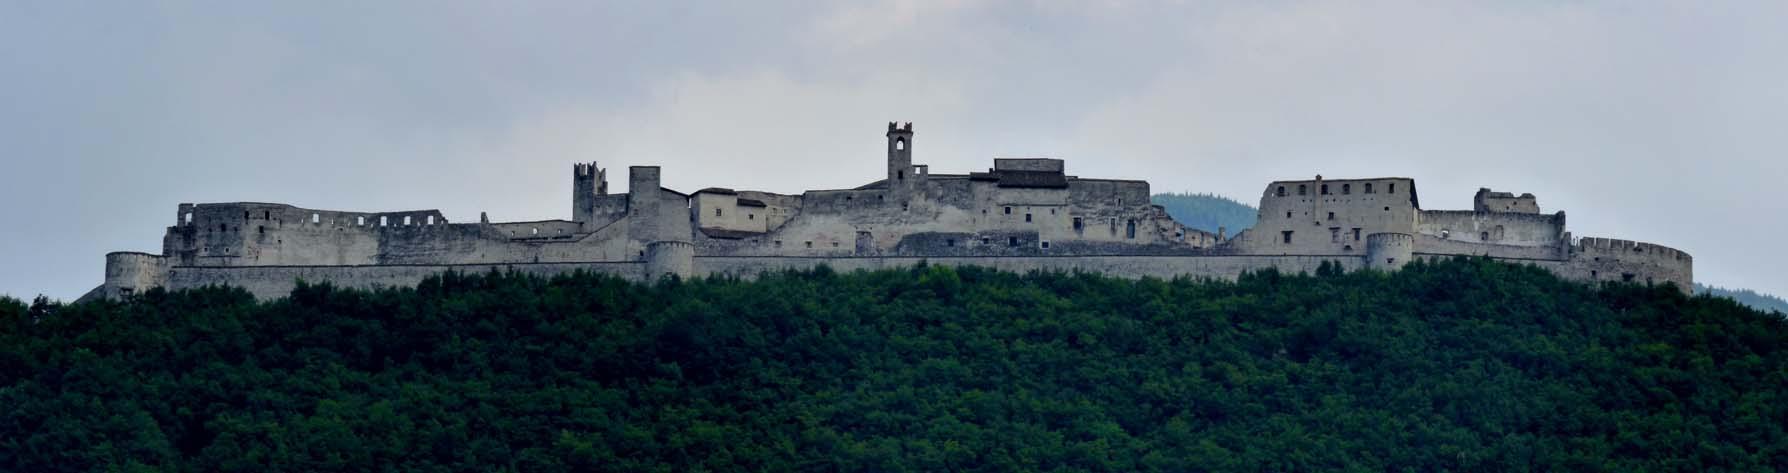 Castel_Beseno.jpg